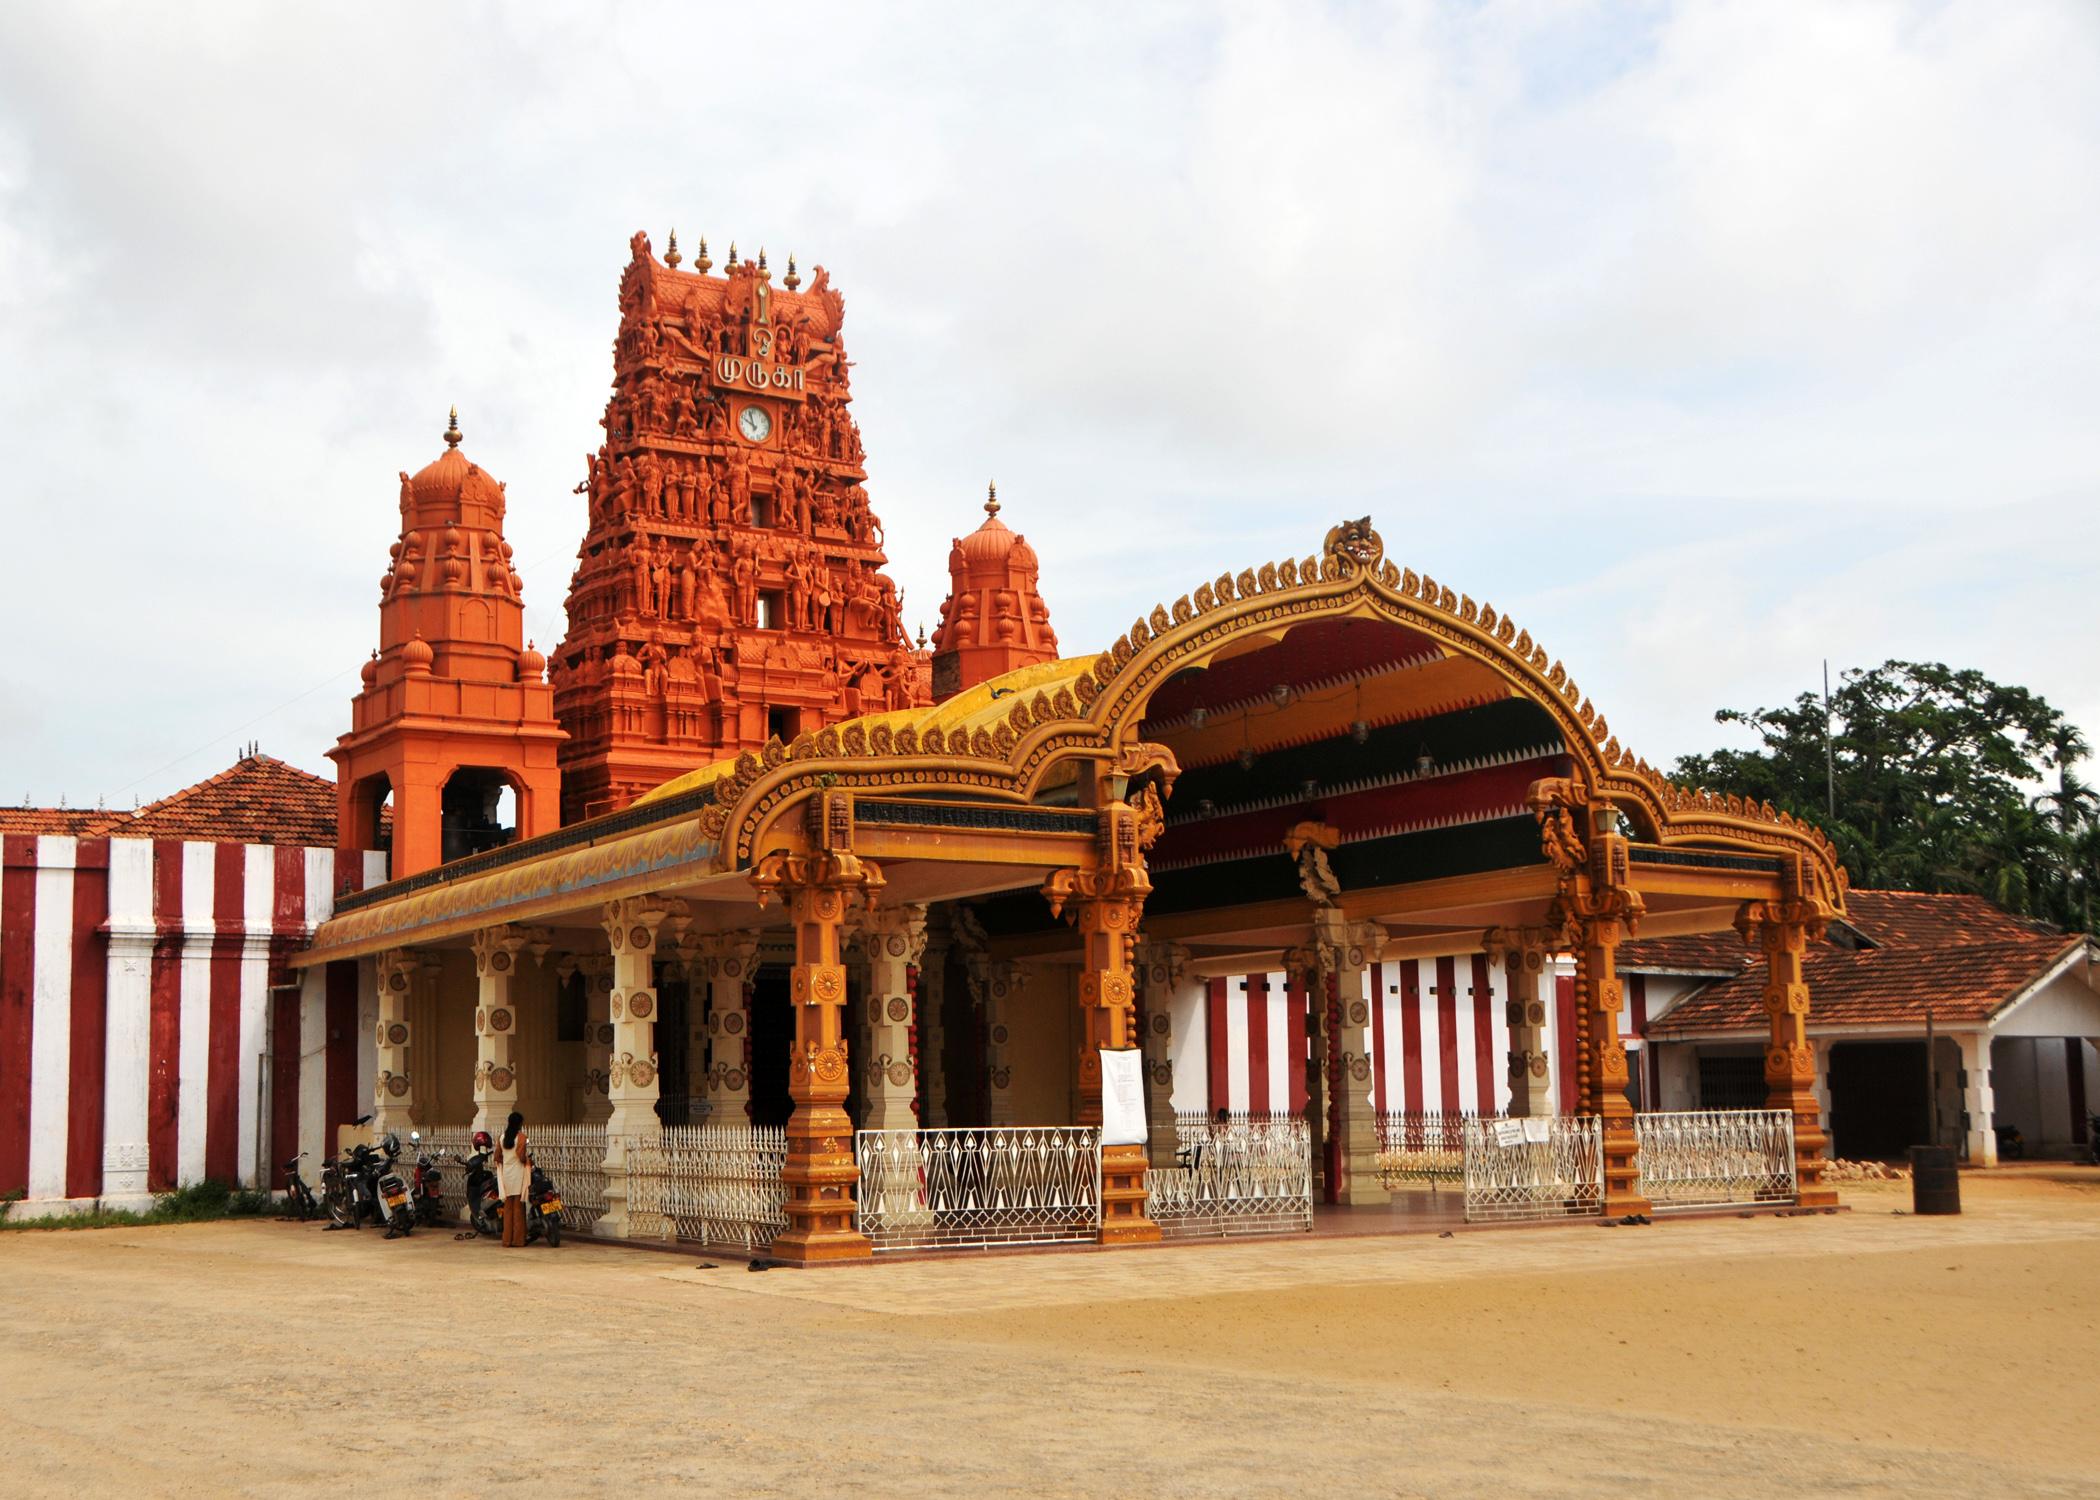 Depiction of Jaffna